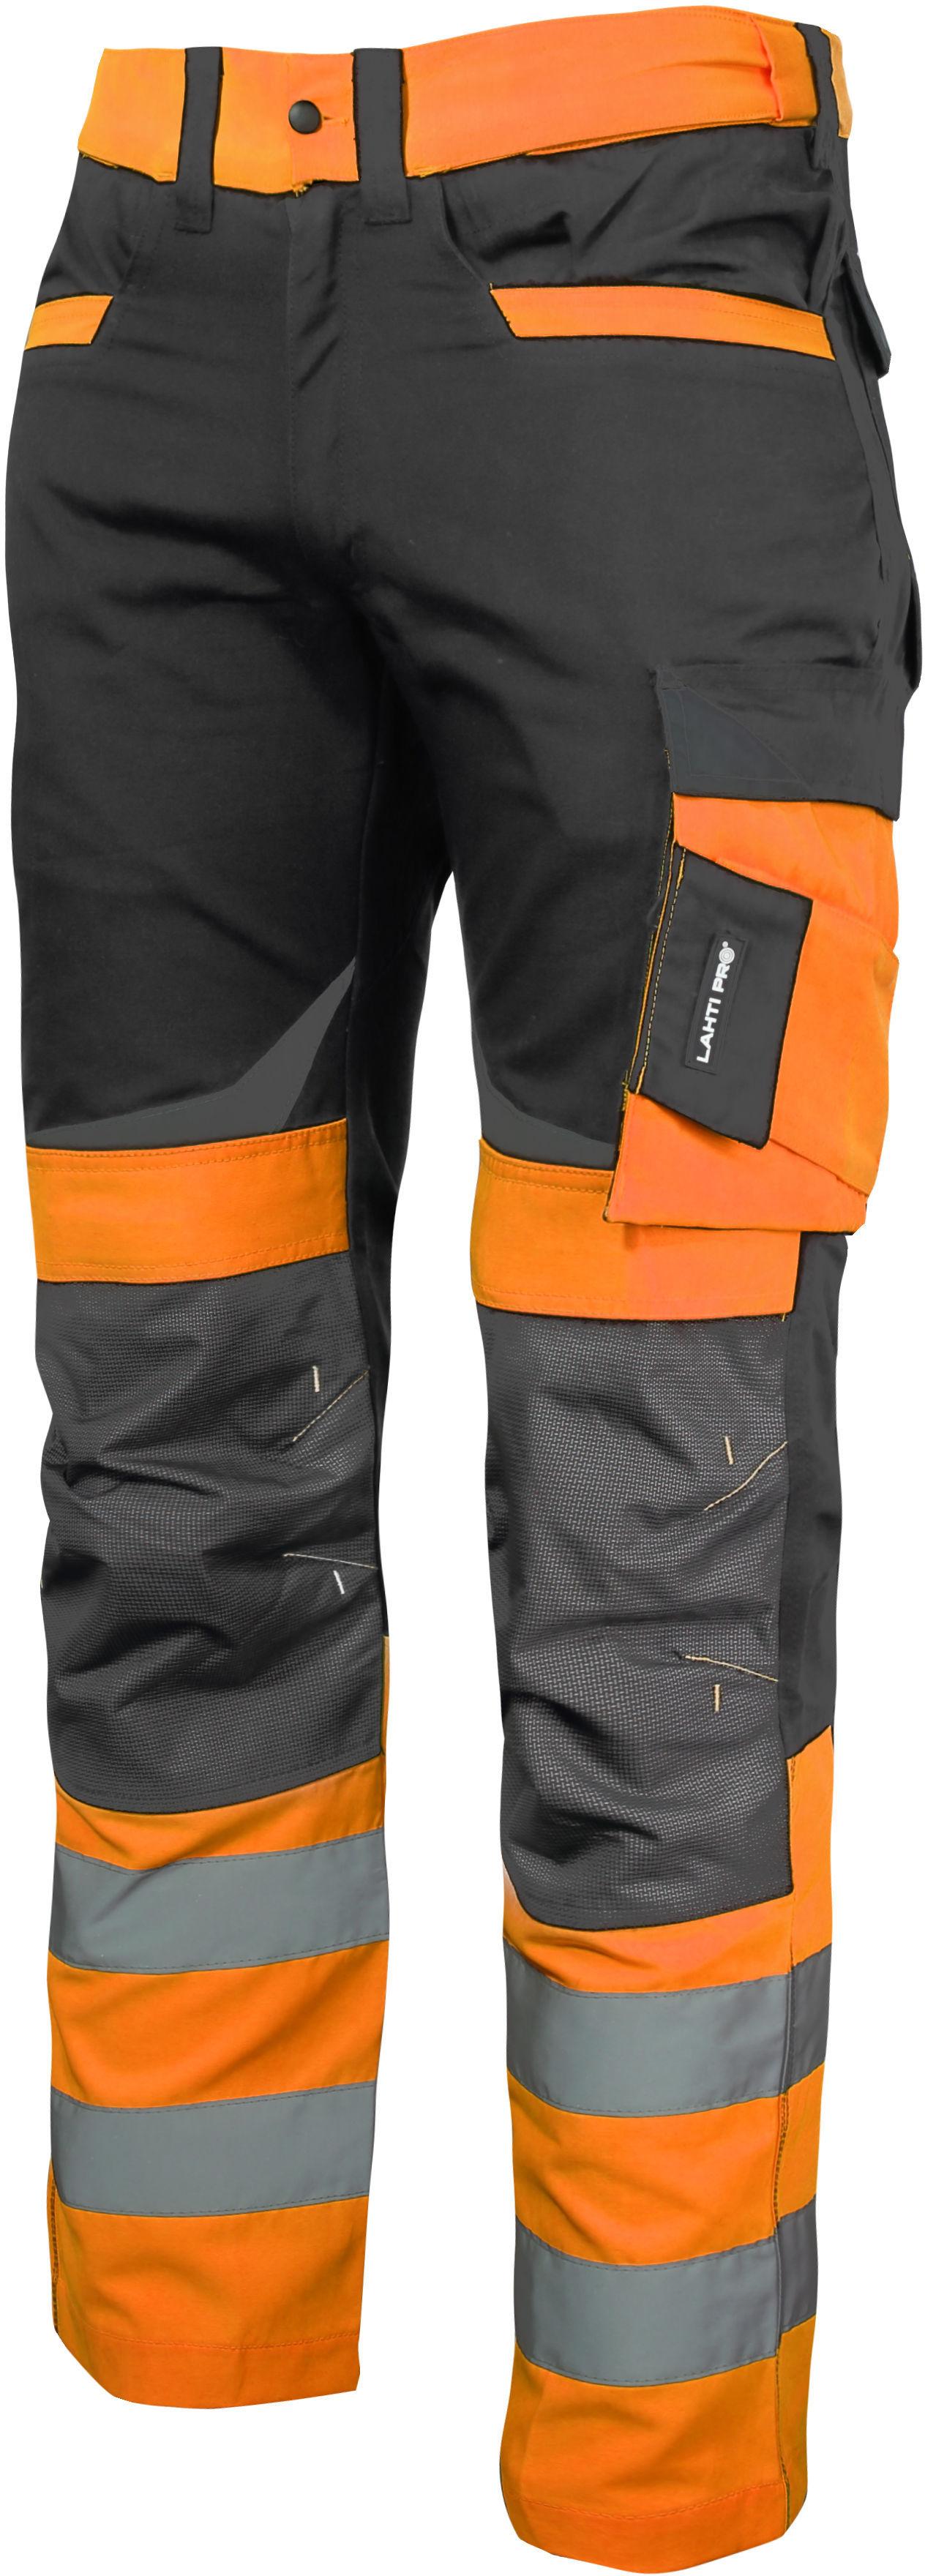 """Spodnie ostrzegawcze czarno-pomarańczowe, """"s"""", ce, lahti"""